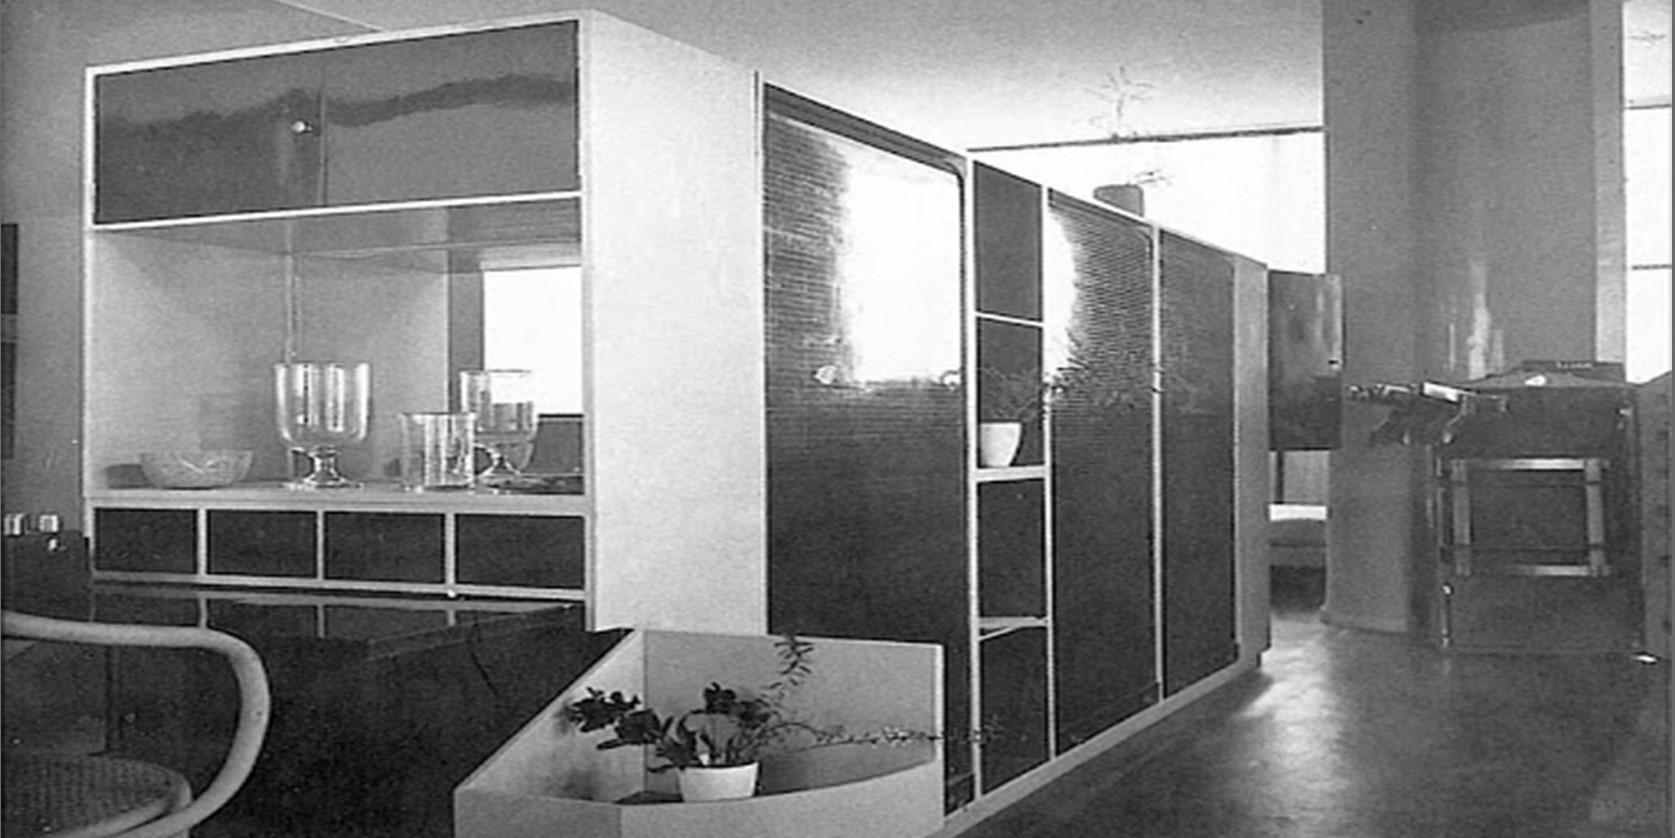 progetto di arredamento dell'architetto Le Corbusier: casier standard